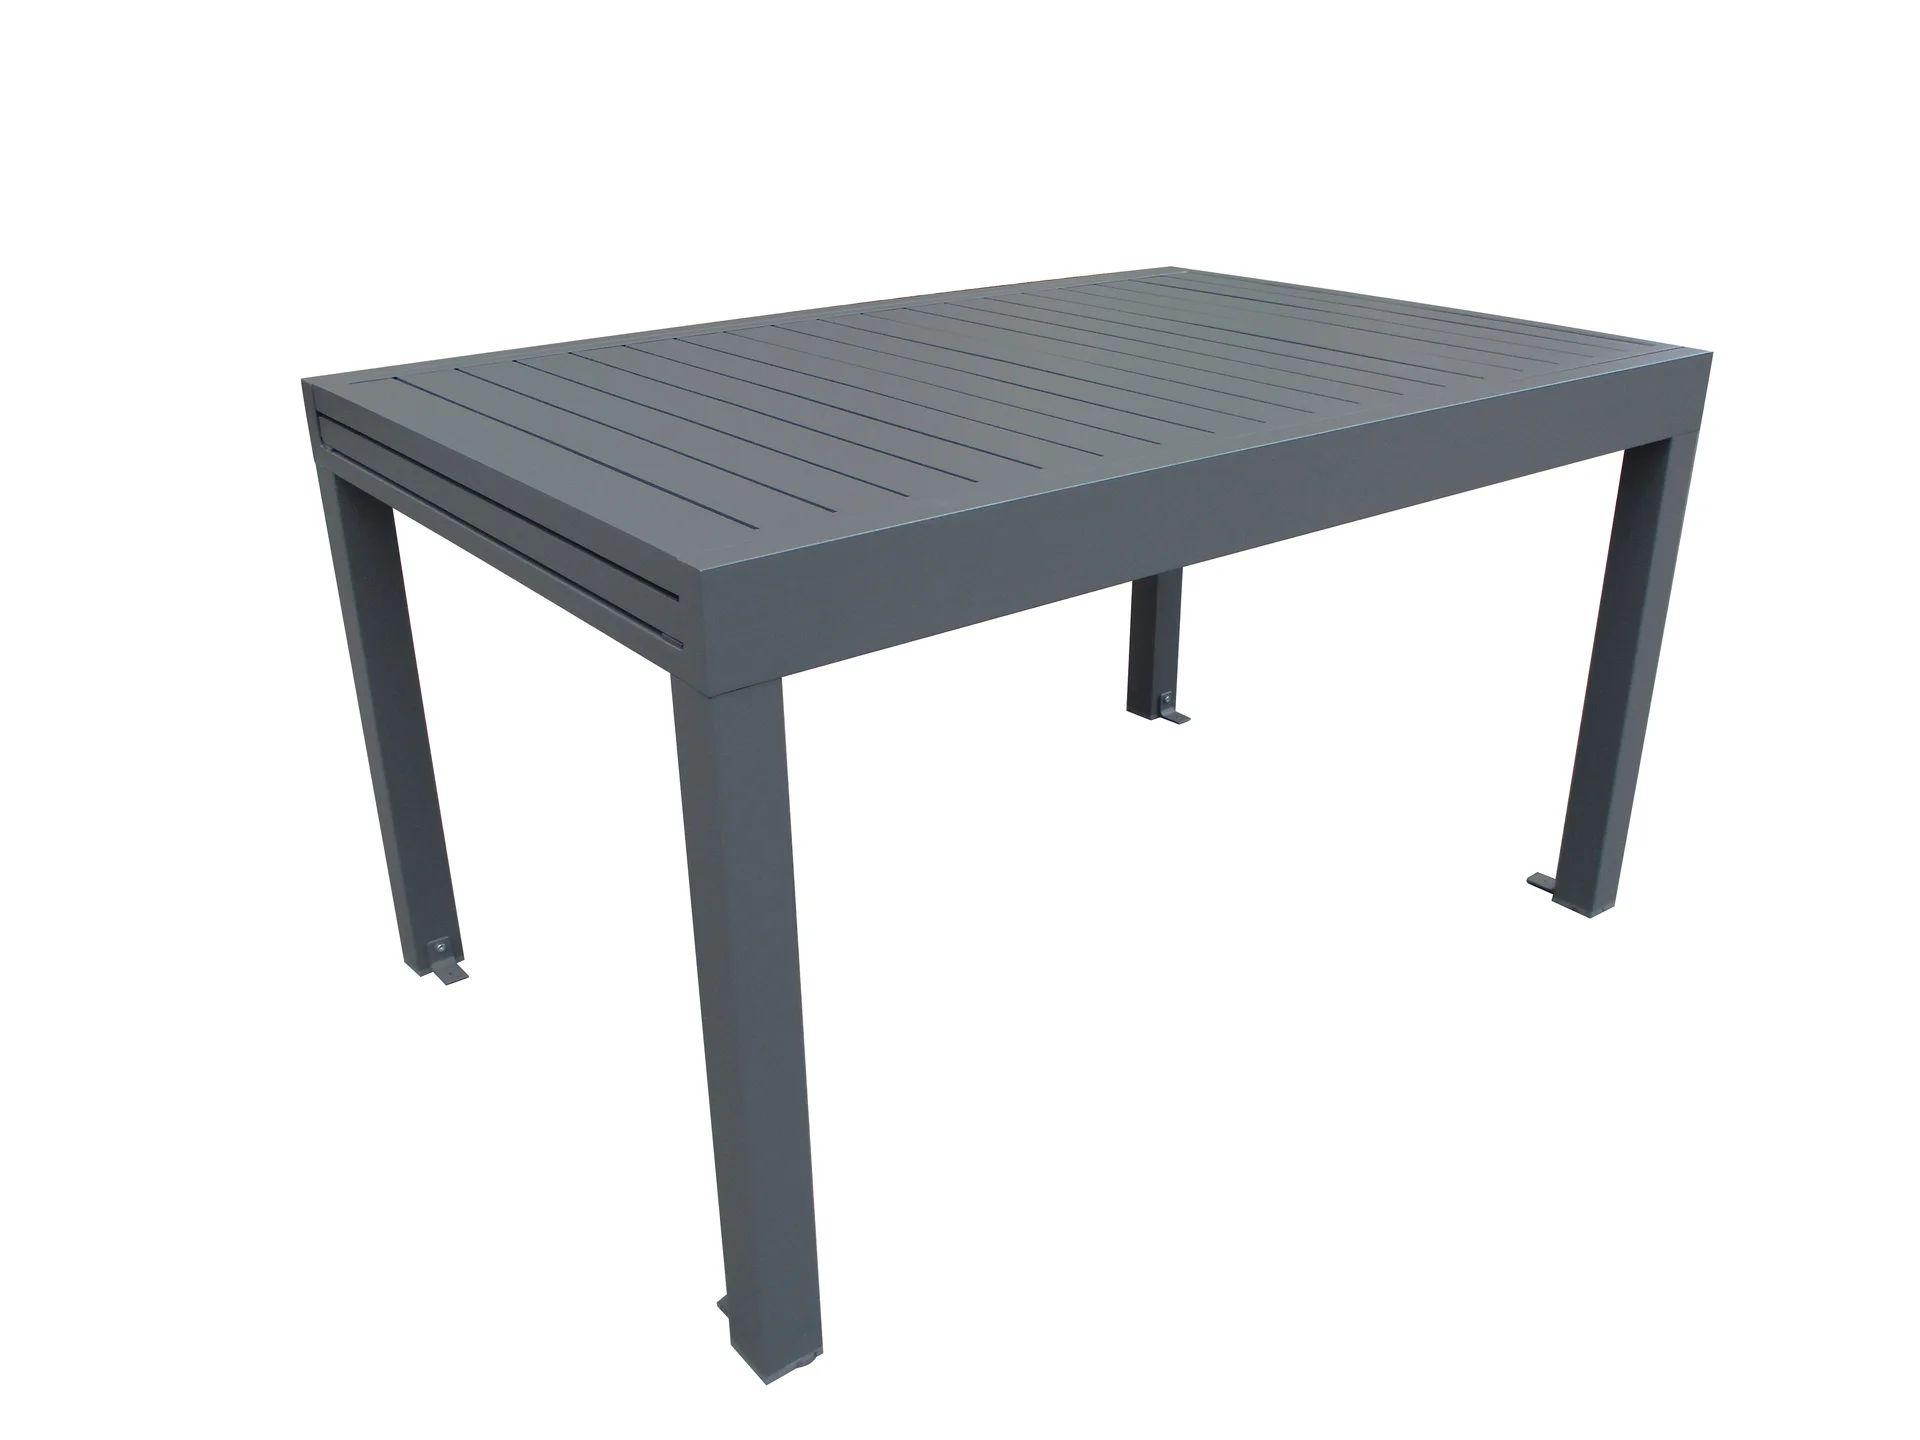 table de jardin de repas lisbone rectangulaire anthracite 8 10 personnes